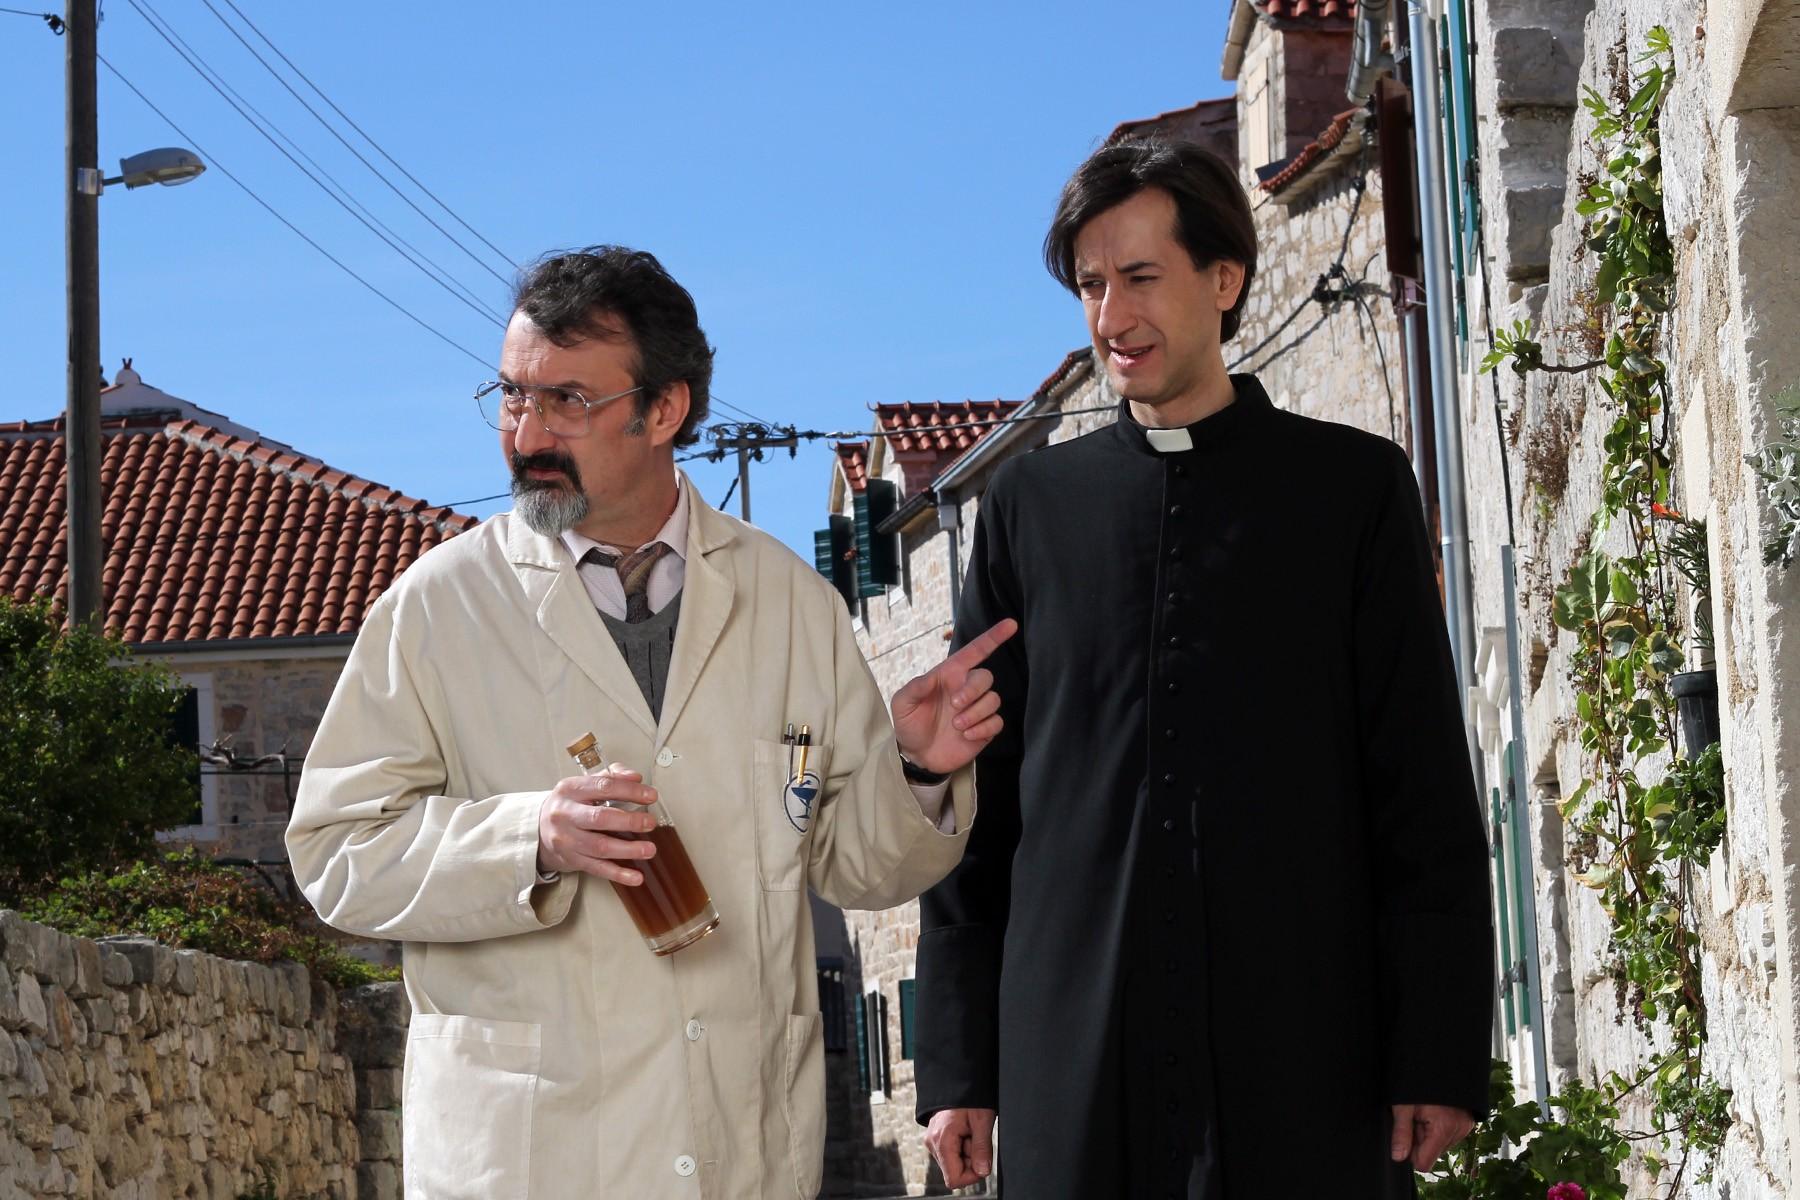 кадры из фильма Дети священника Крешимир Микич,